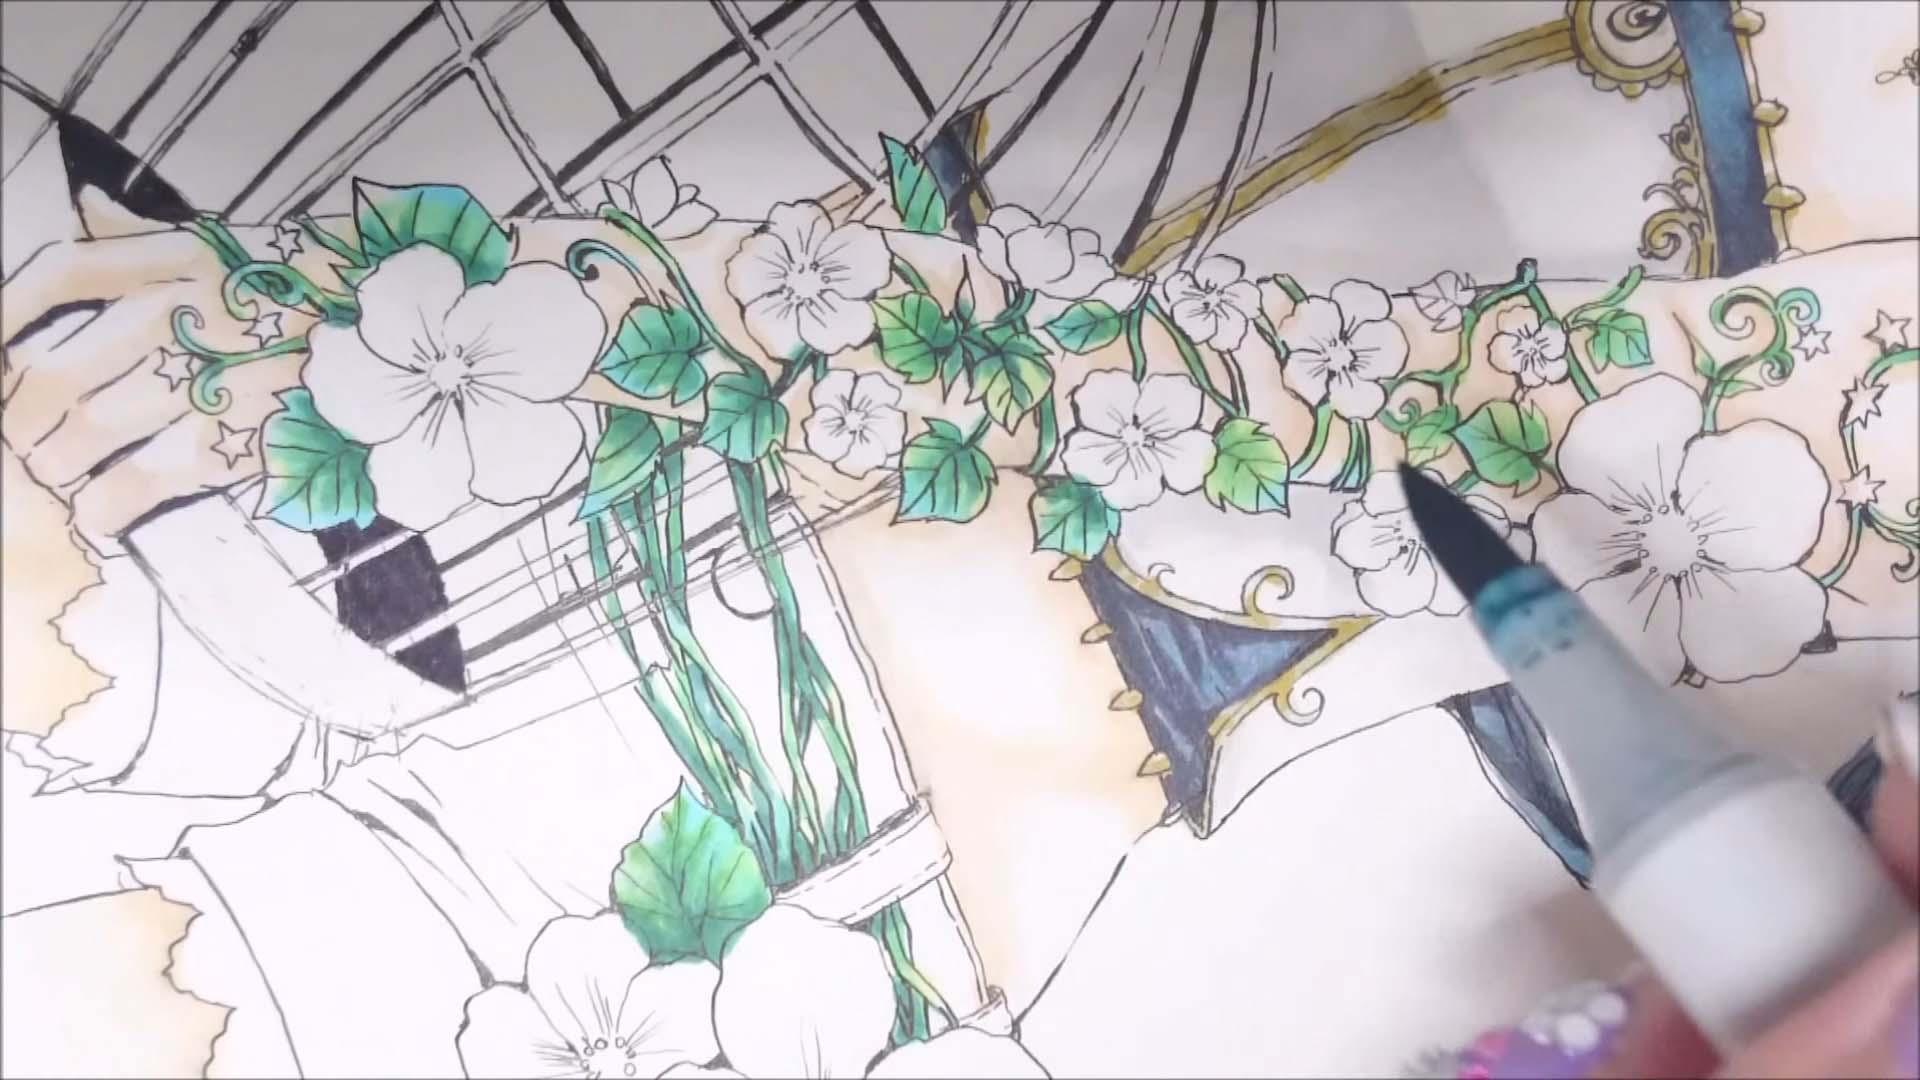 立体感が出るように葉っぱを重ね塗り